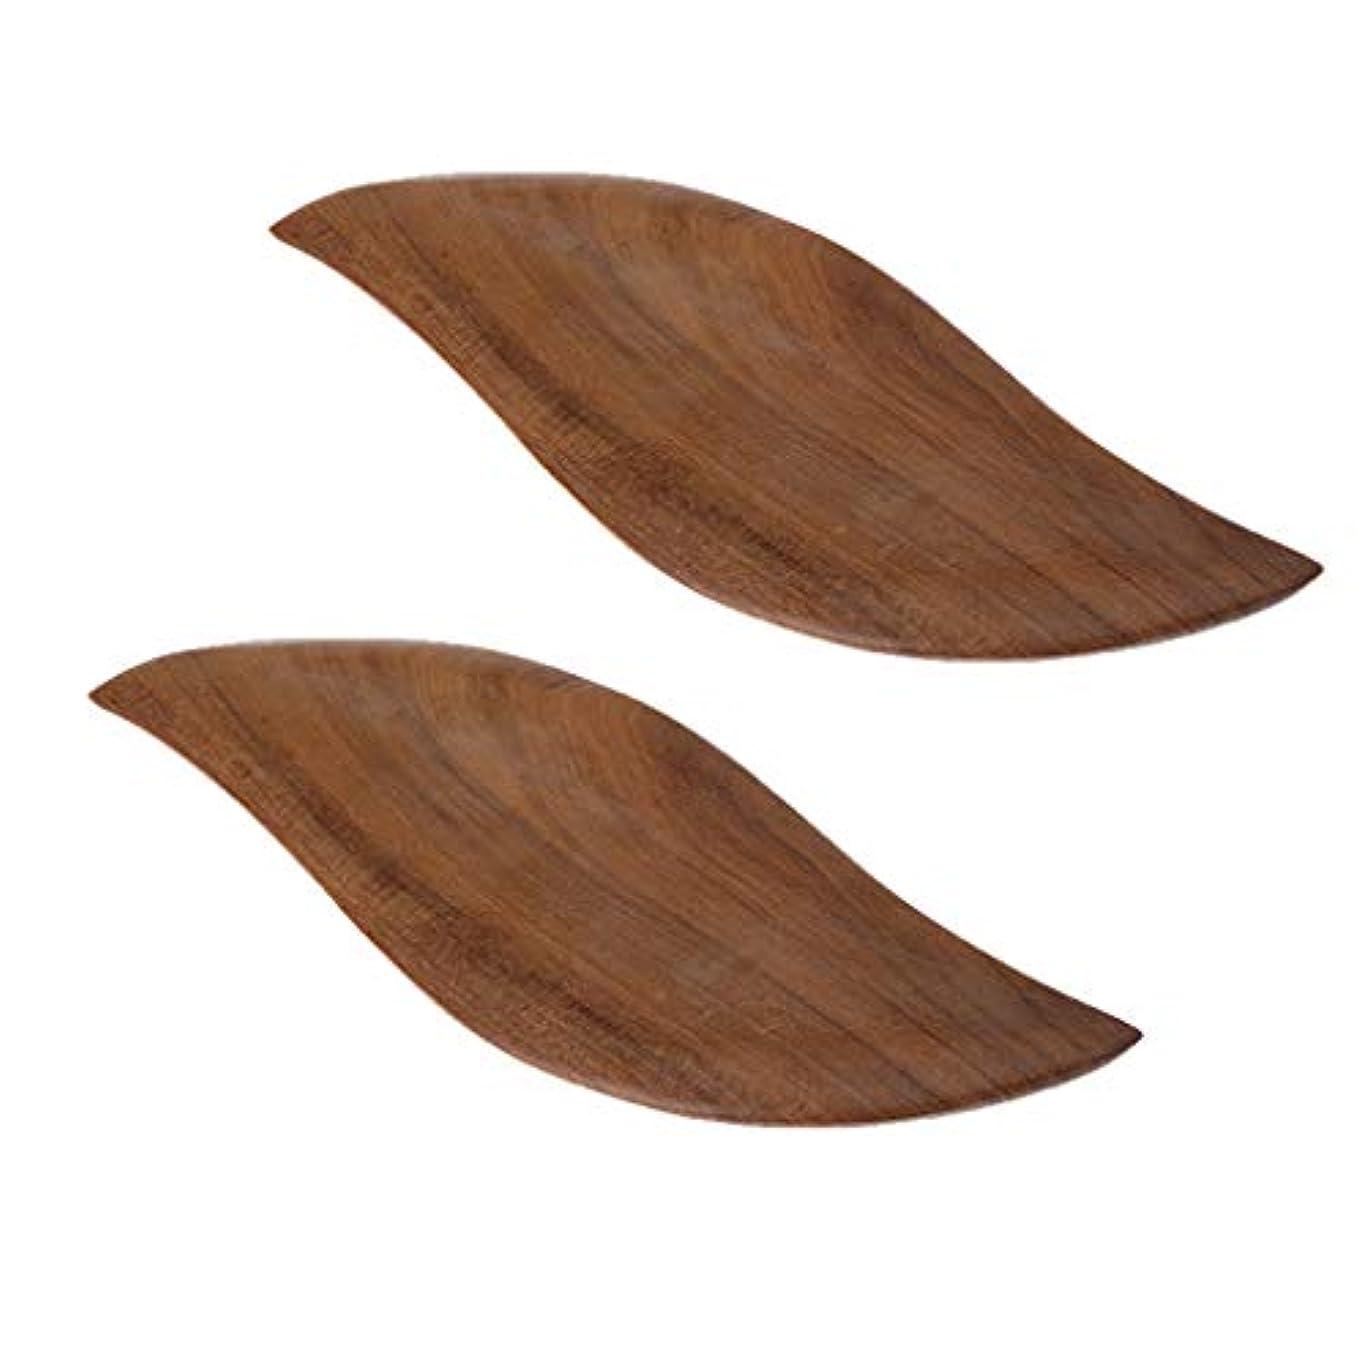 実際マージン清めるBaoblaze 2枚 かっさプレート フェイスケア ボディーケア リラックス ツボ押し 木製